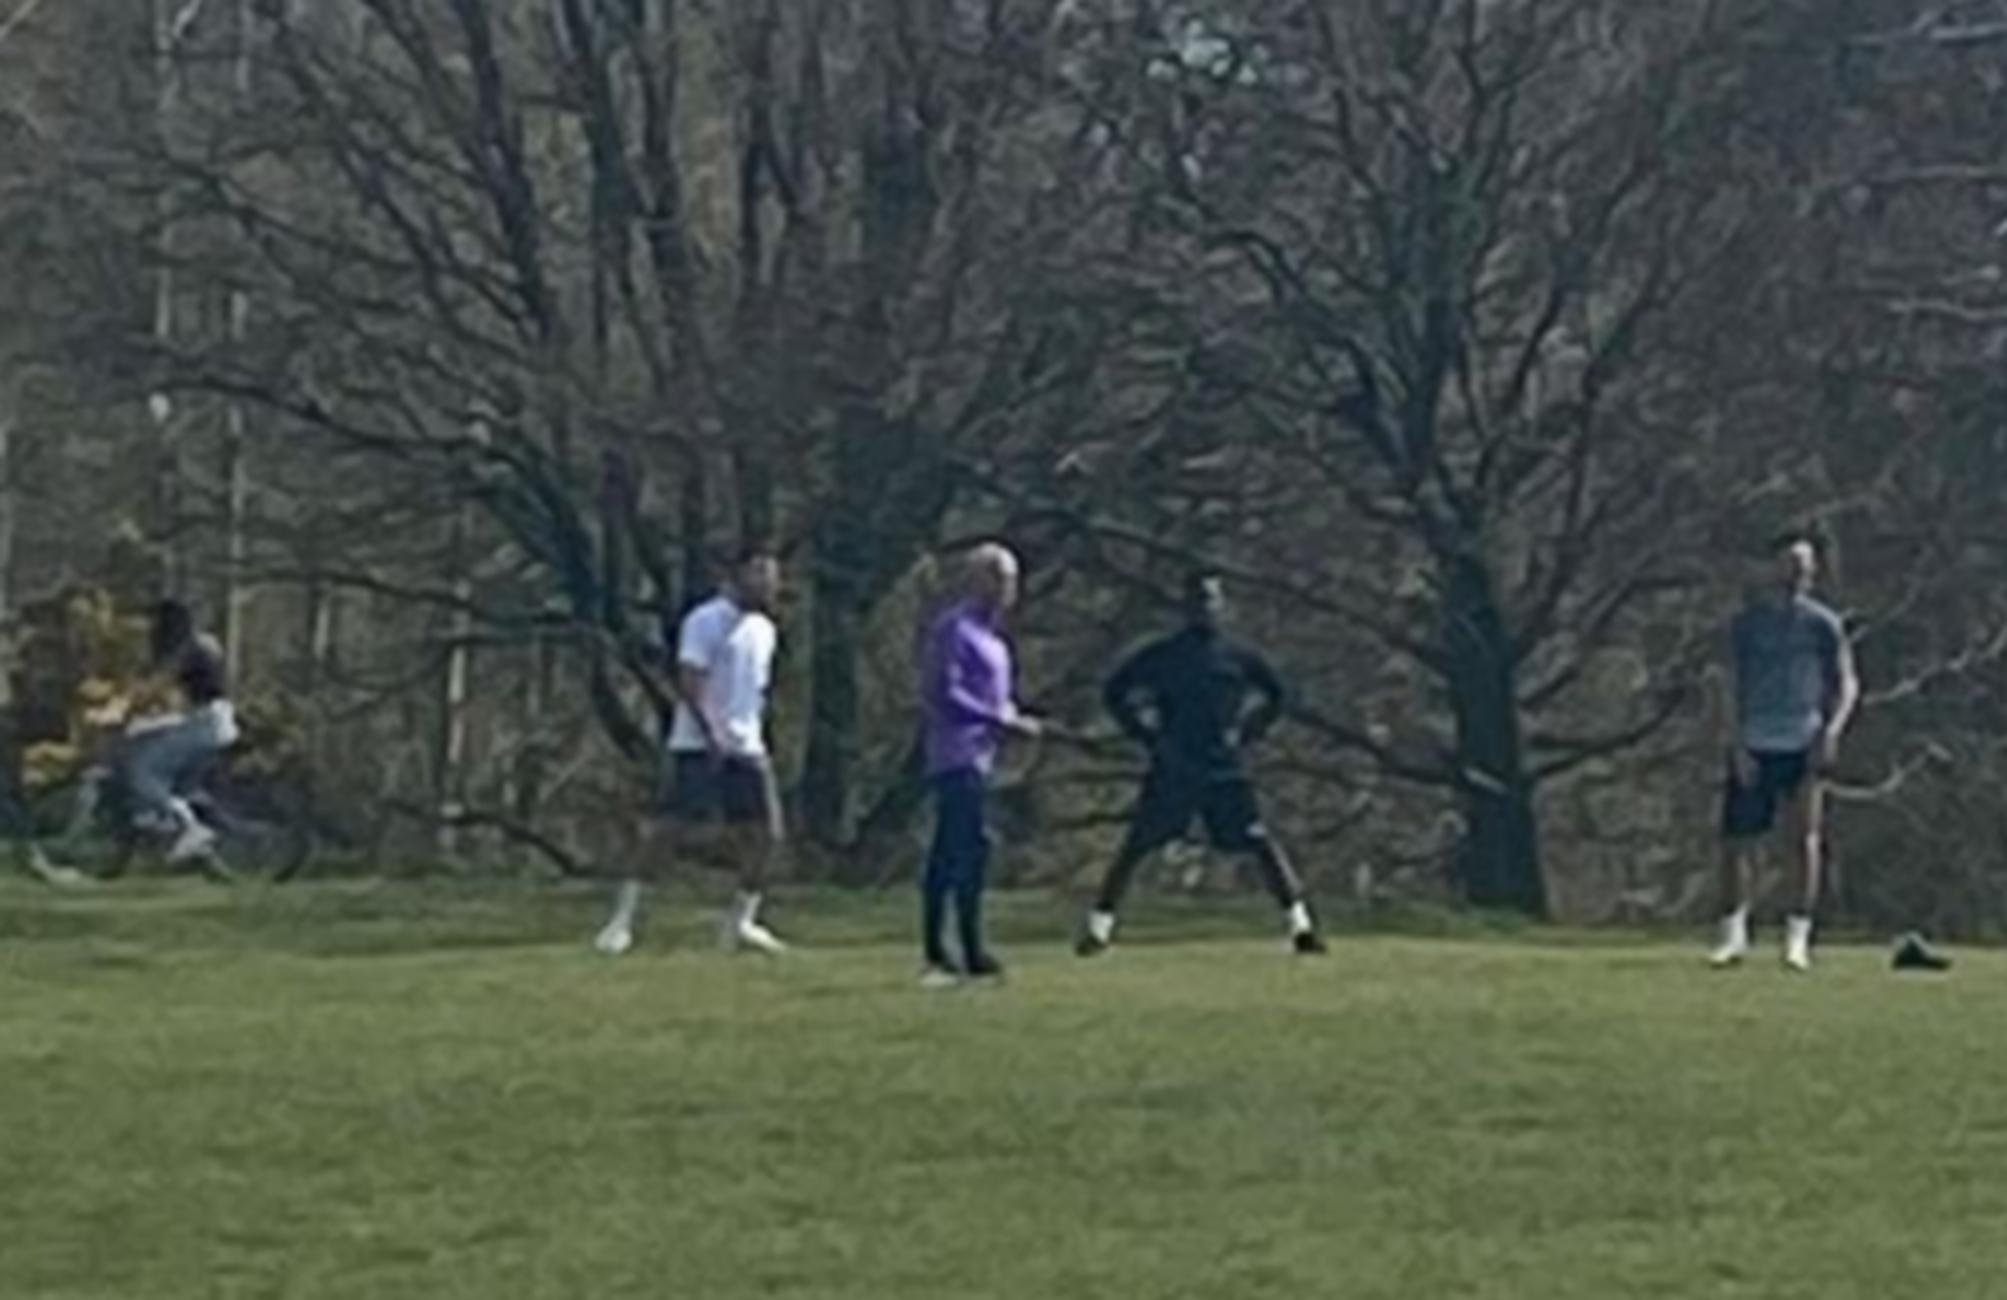 Κορονοϊός: Σάλος στην Αγγλία με τον Μουρίνιο που πήγε παίκτες του σε πάρκο (vid, pics)